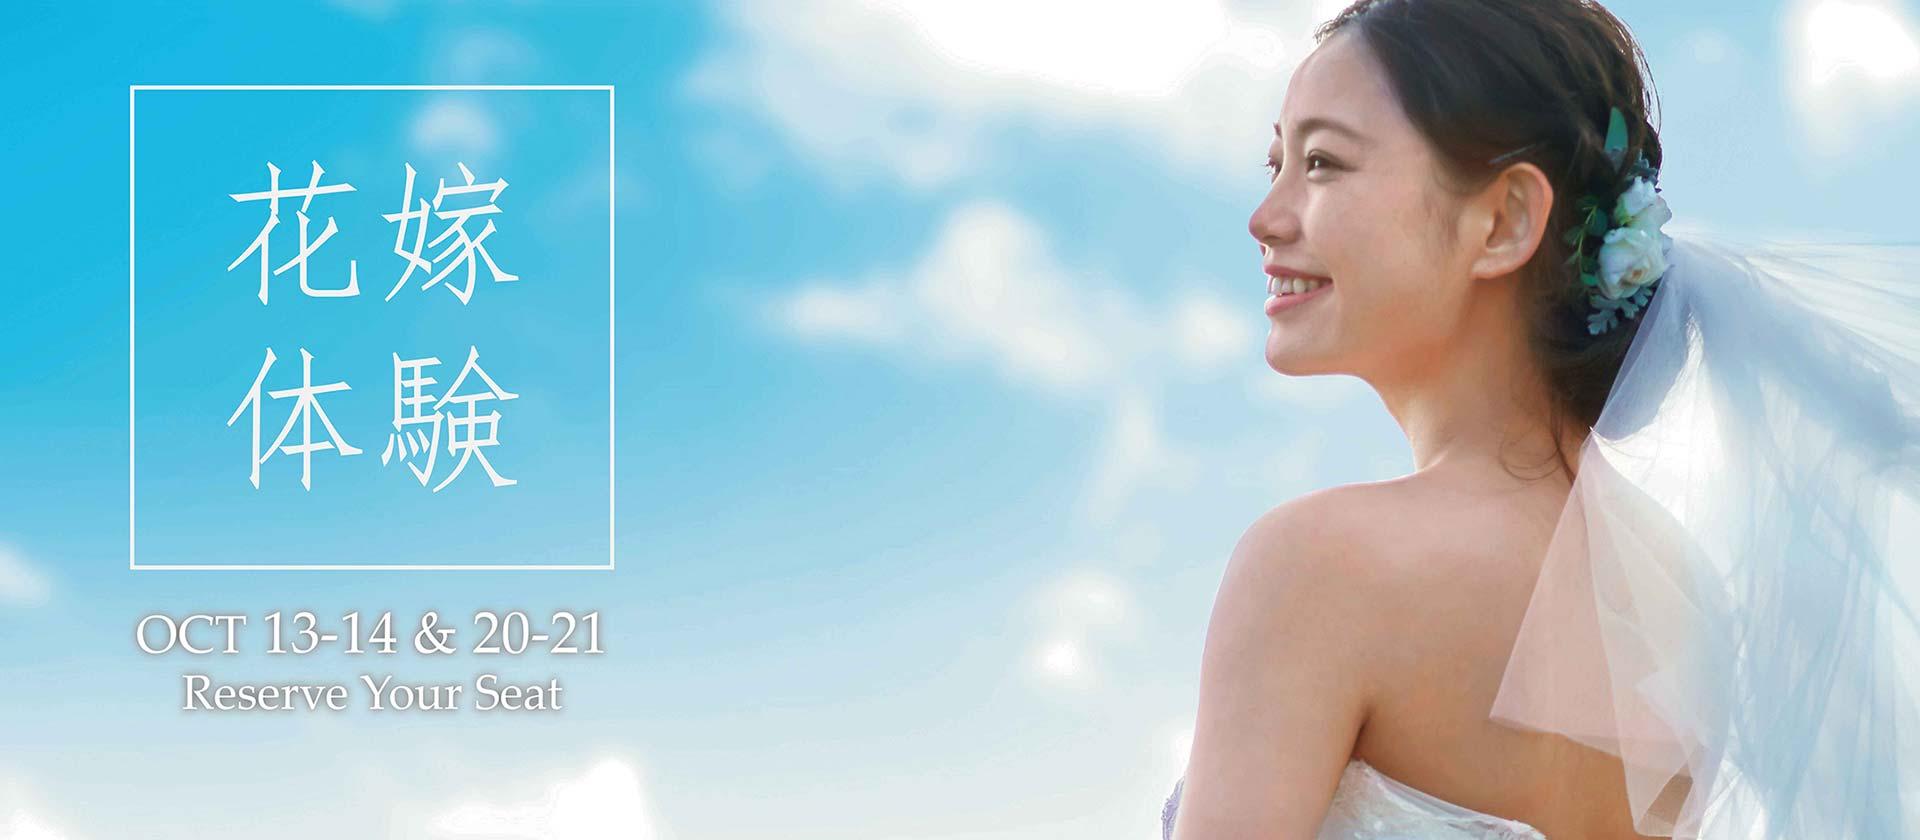 花嫁體驗—預約咨詢 免費體驗日本設計婚紗